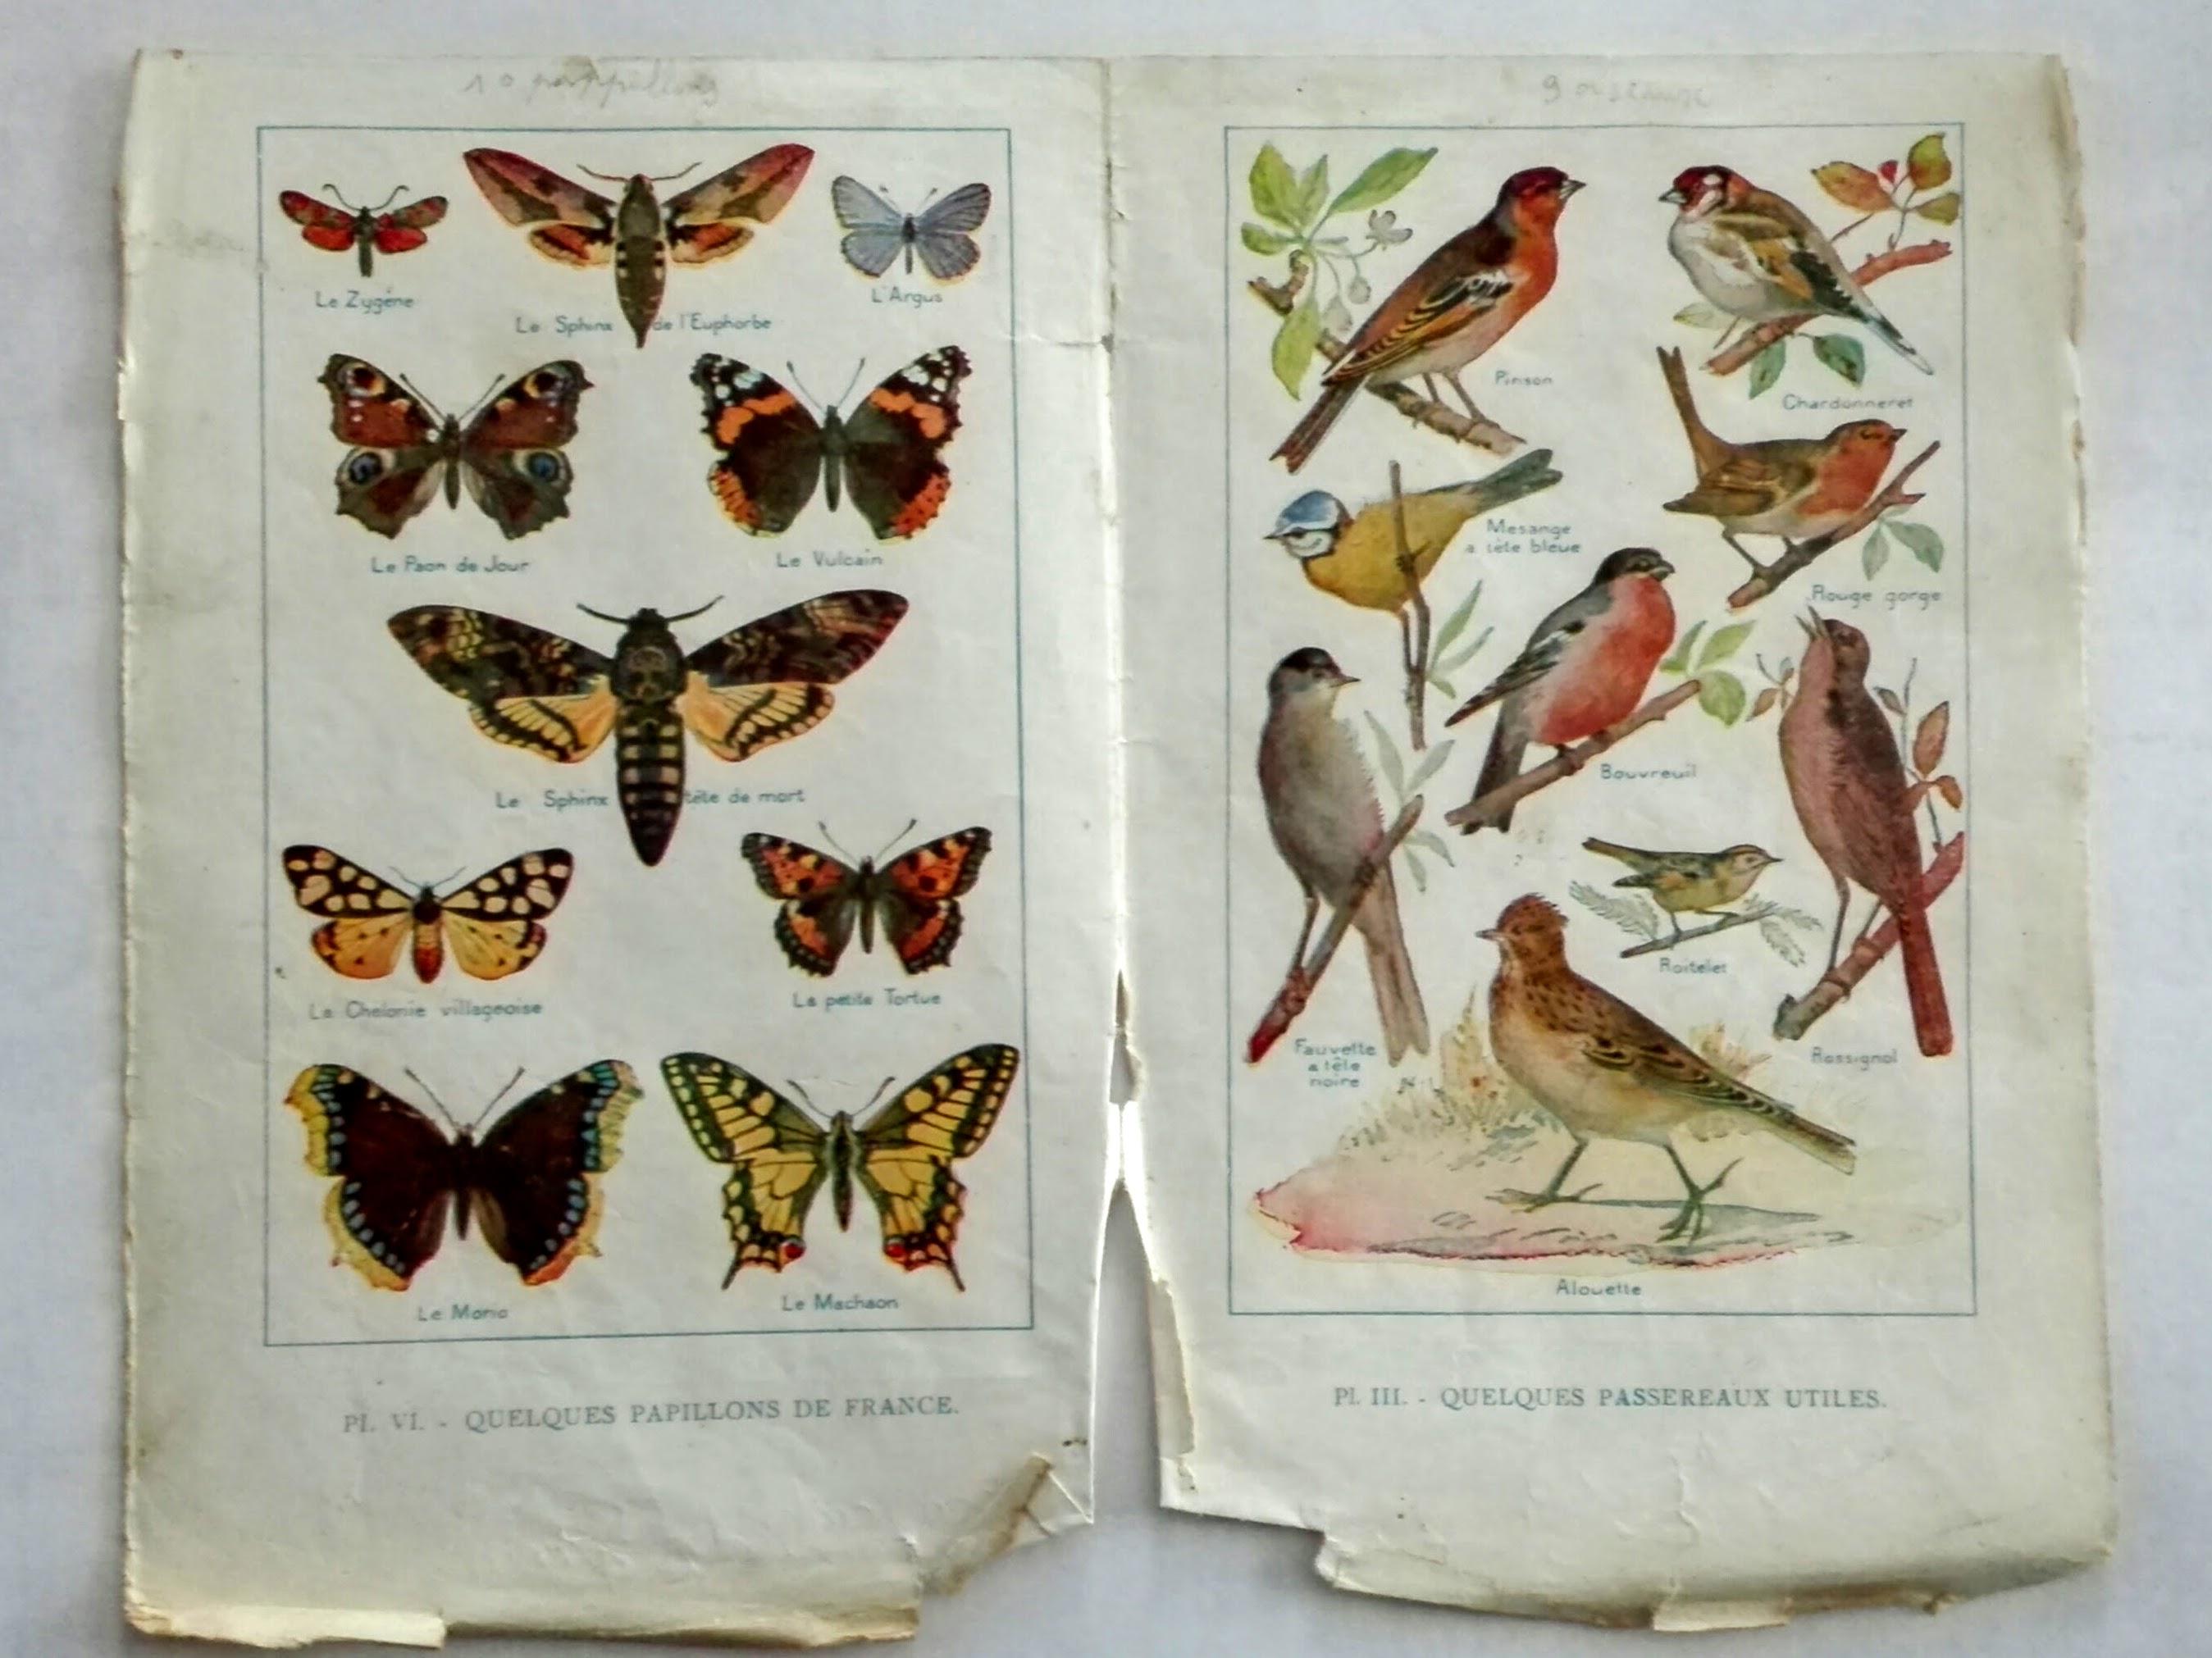 planche d'illustration de vieux livre oiseaux et papillons en couleurs